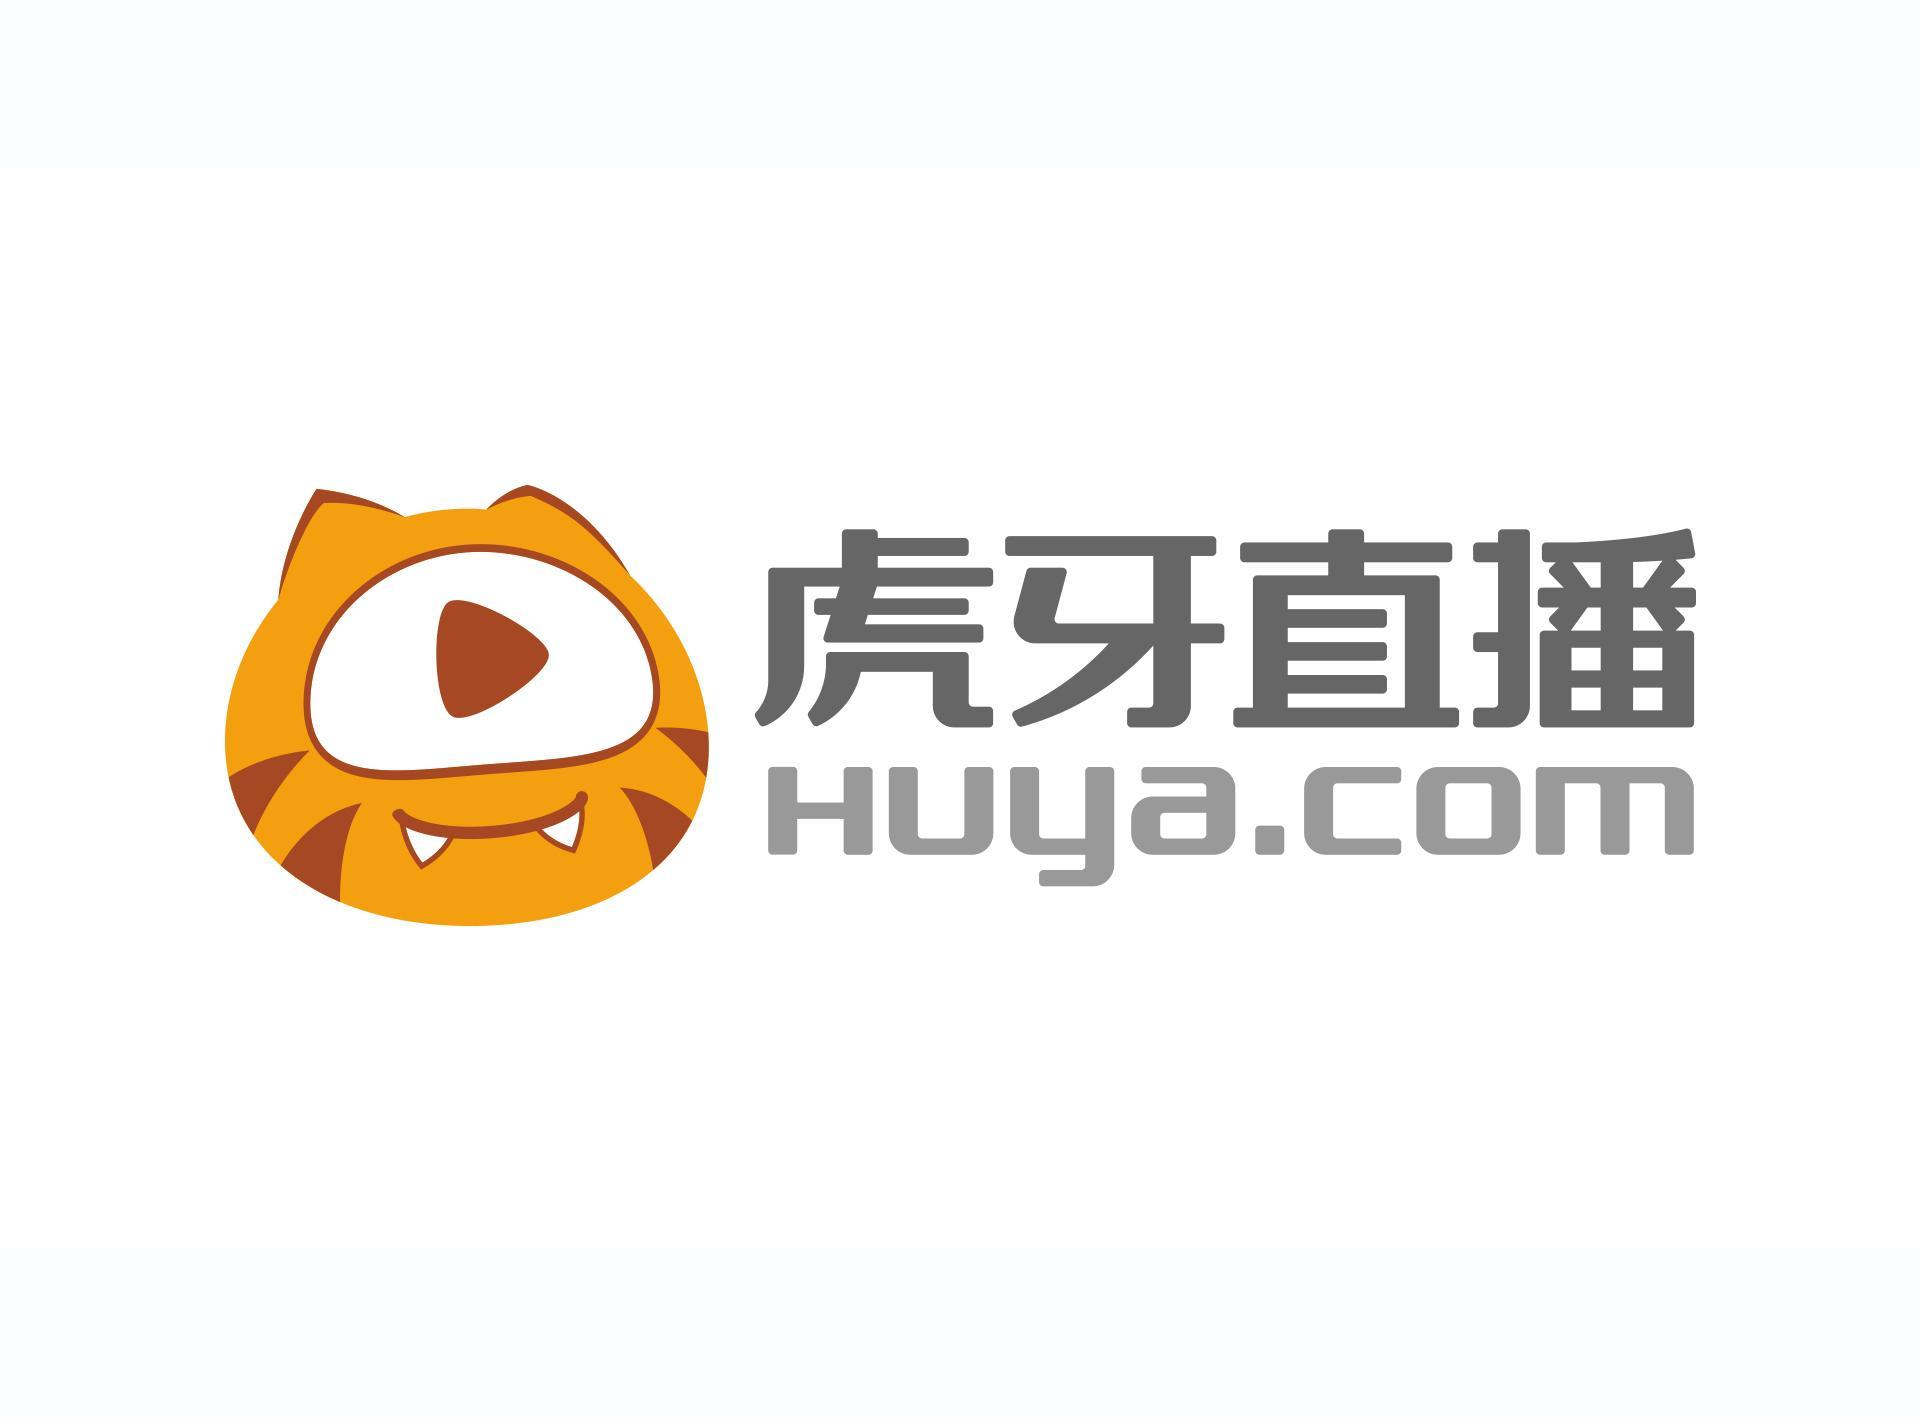 财报解读|虎牙上市首份年报:直播收入44亿元,未来将进一步拓展海外业务